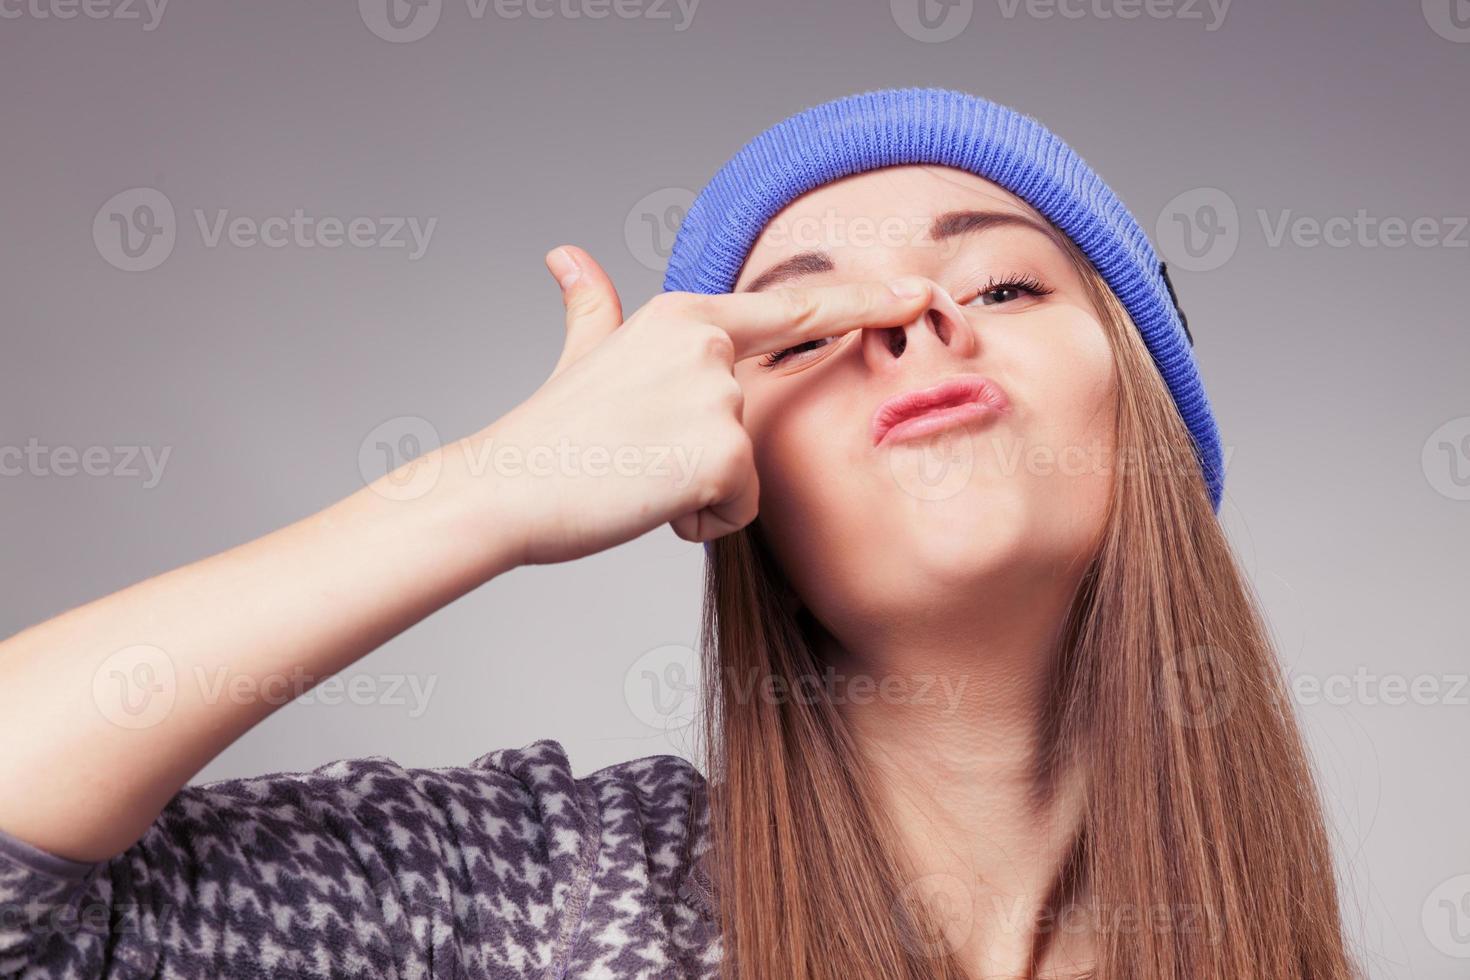 tjej som håller upp fingrarna på näsan och gör dumt uttryck foto